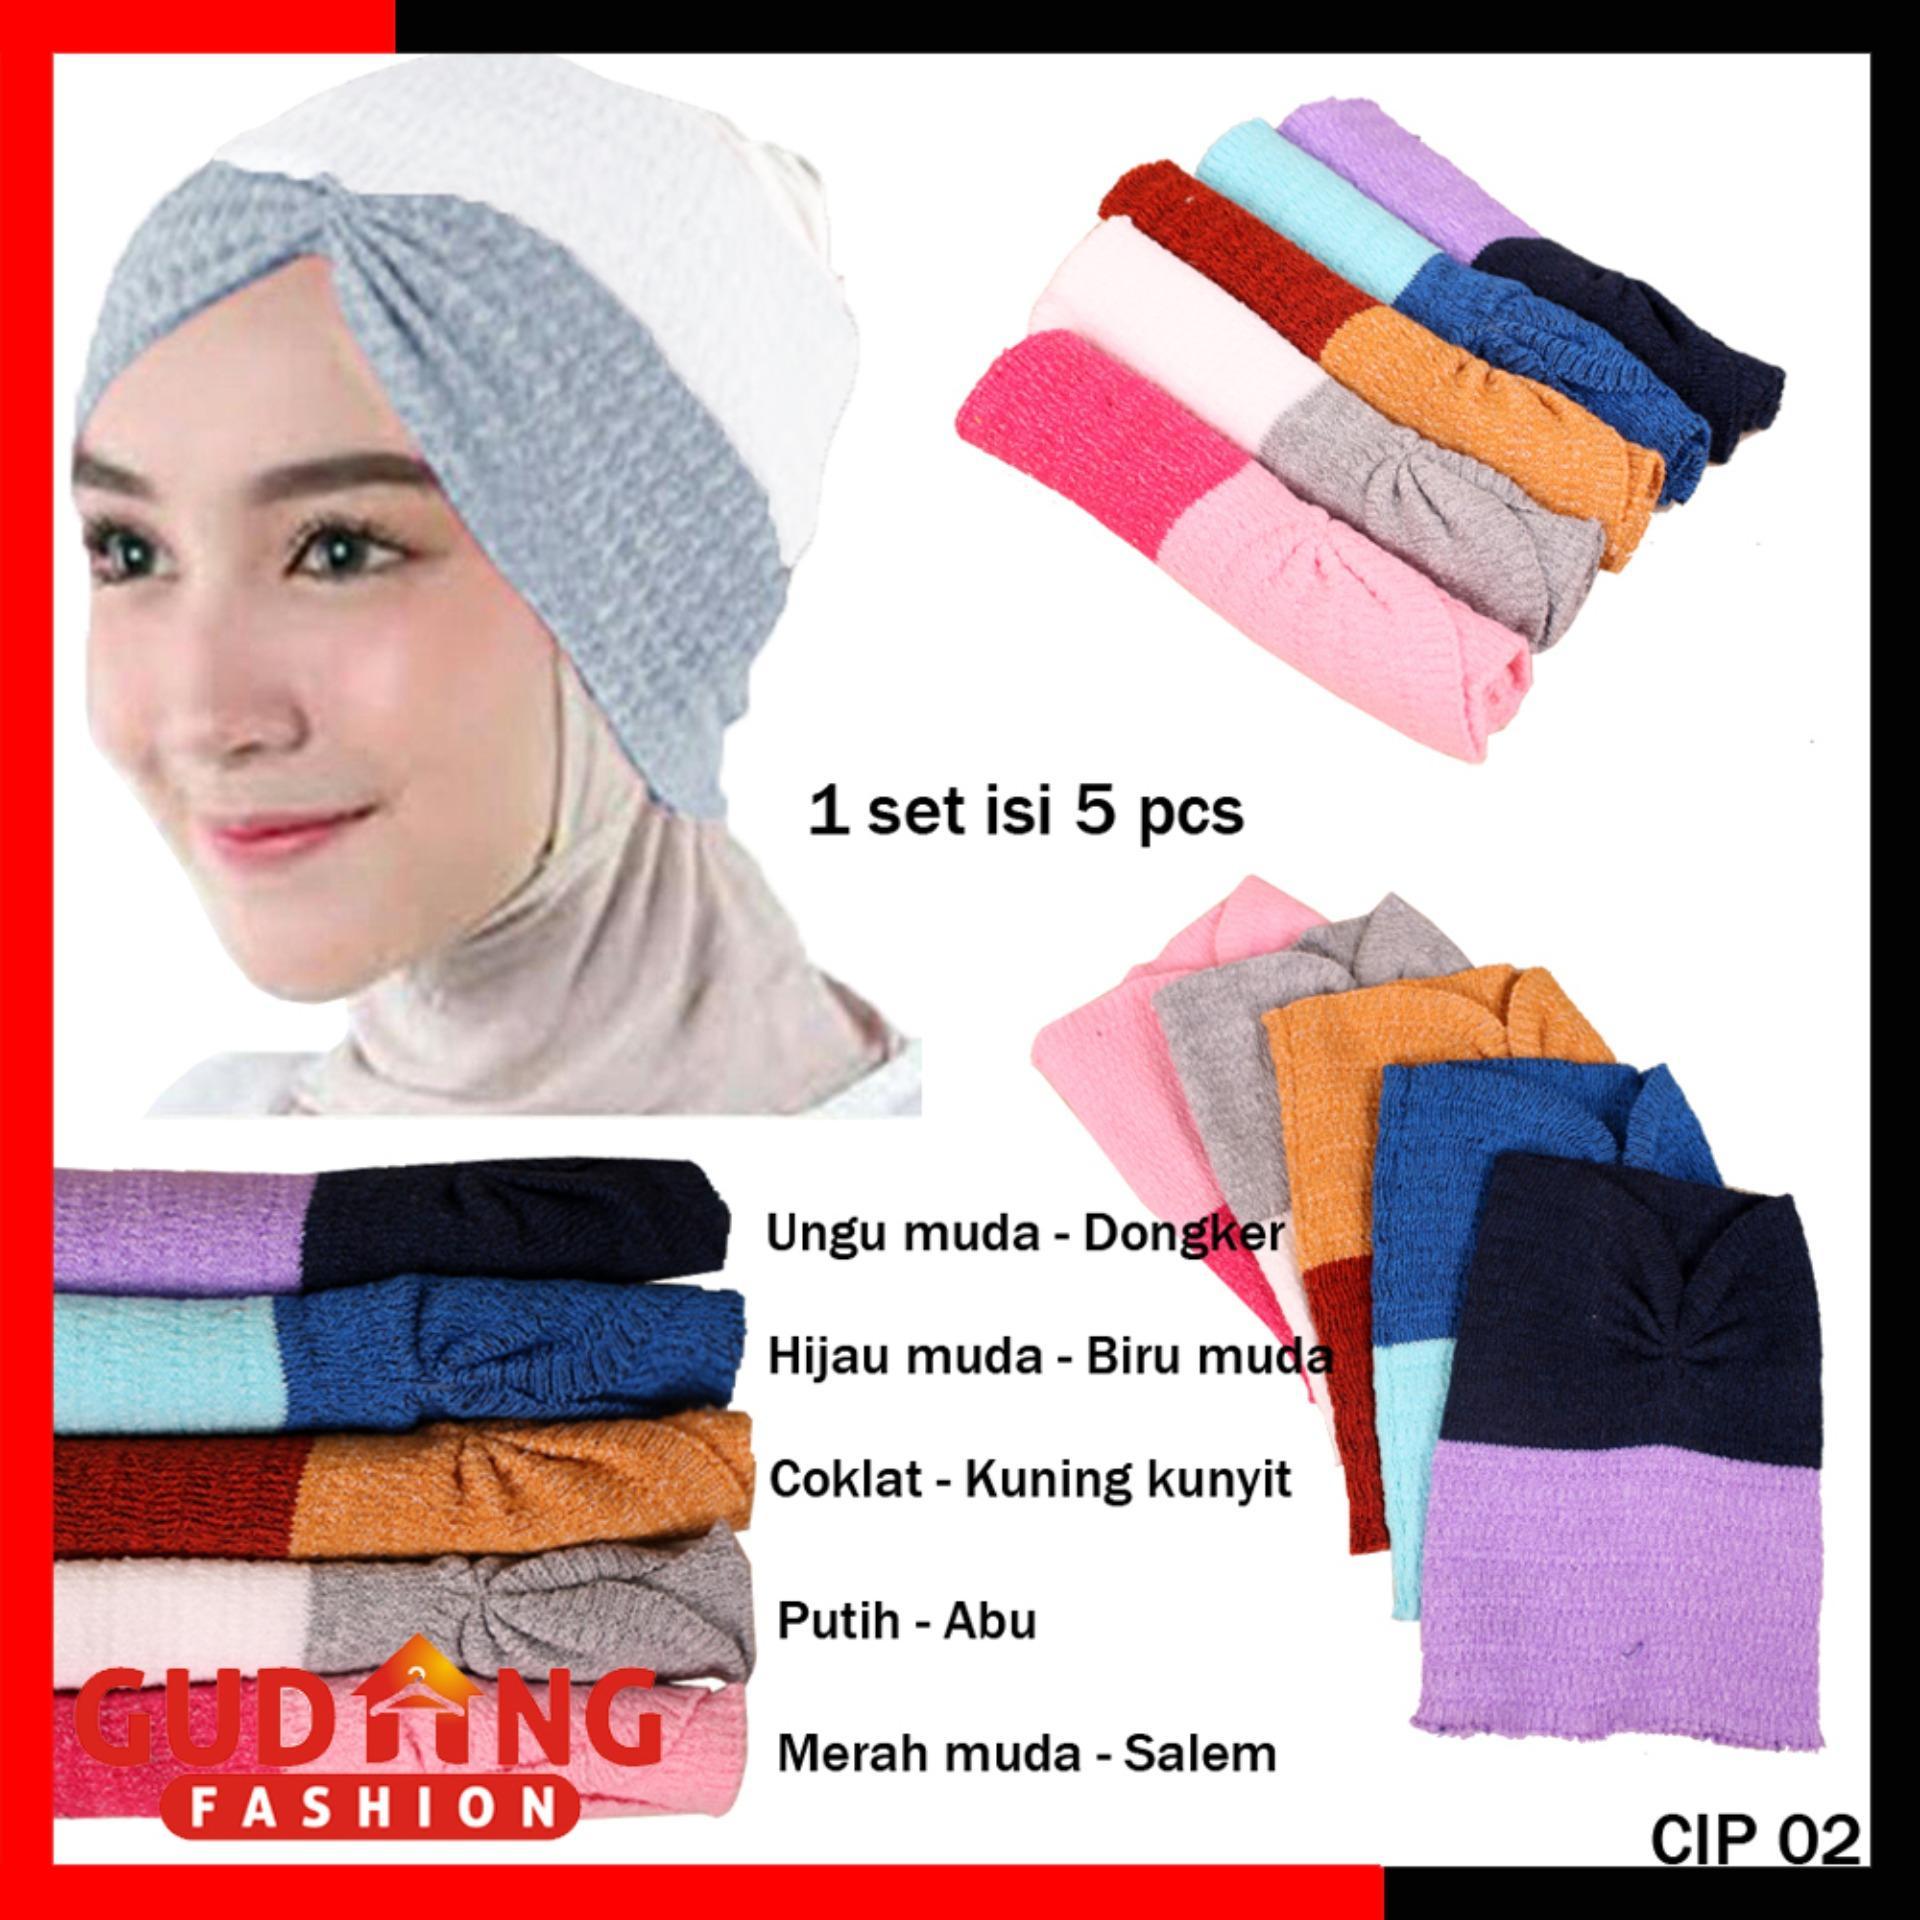 Gudang Fashion - Ciput Rajut 2 Warna Murah Anti Pusing Isi 5 Pcs - Kombinasi Warna